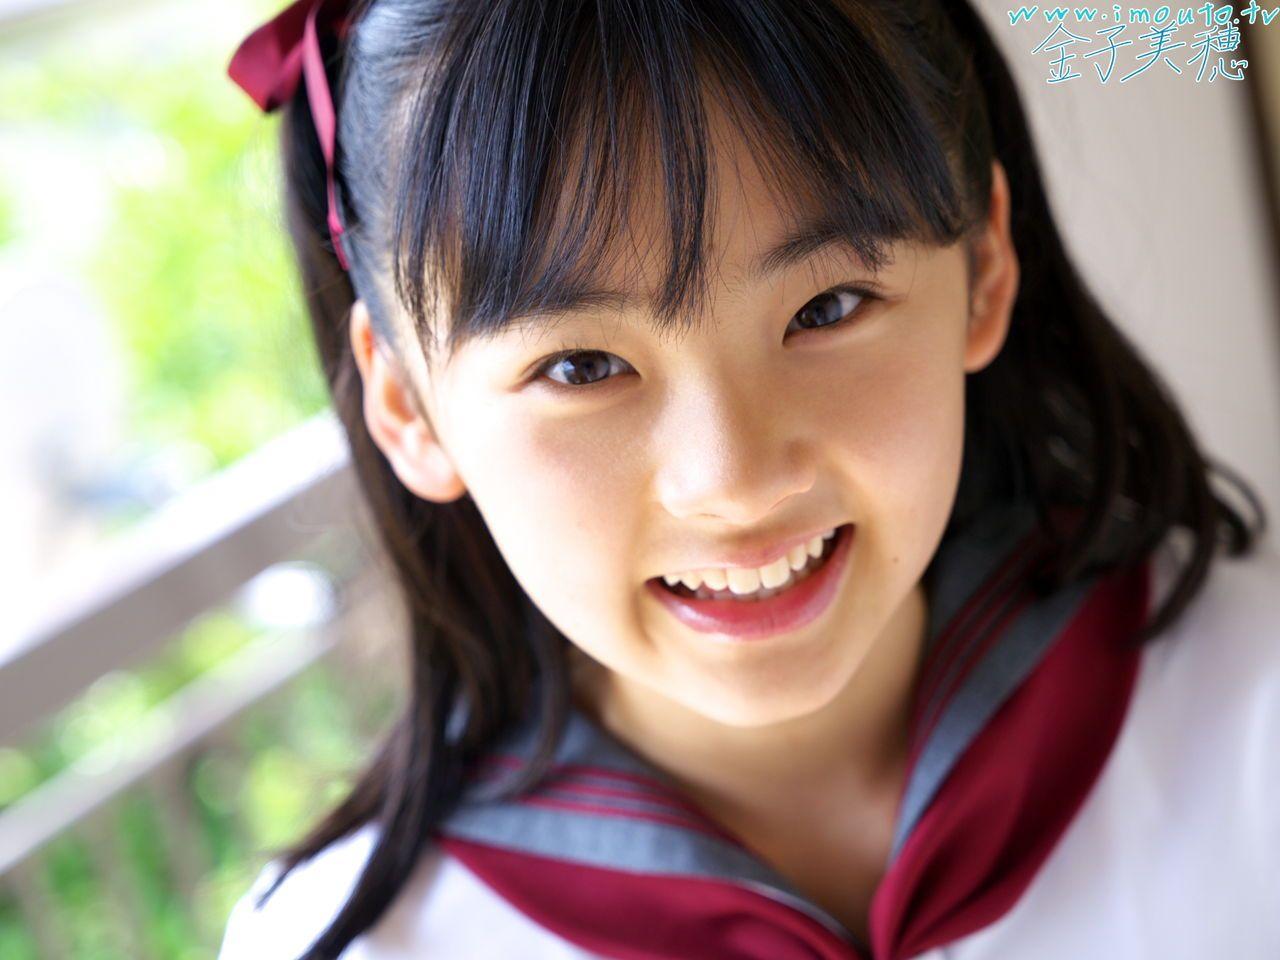 Miho kaneko 1 137 images quotes - Miho Kaneko Miho Kaneko Forum Hot Girls Wallpaper